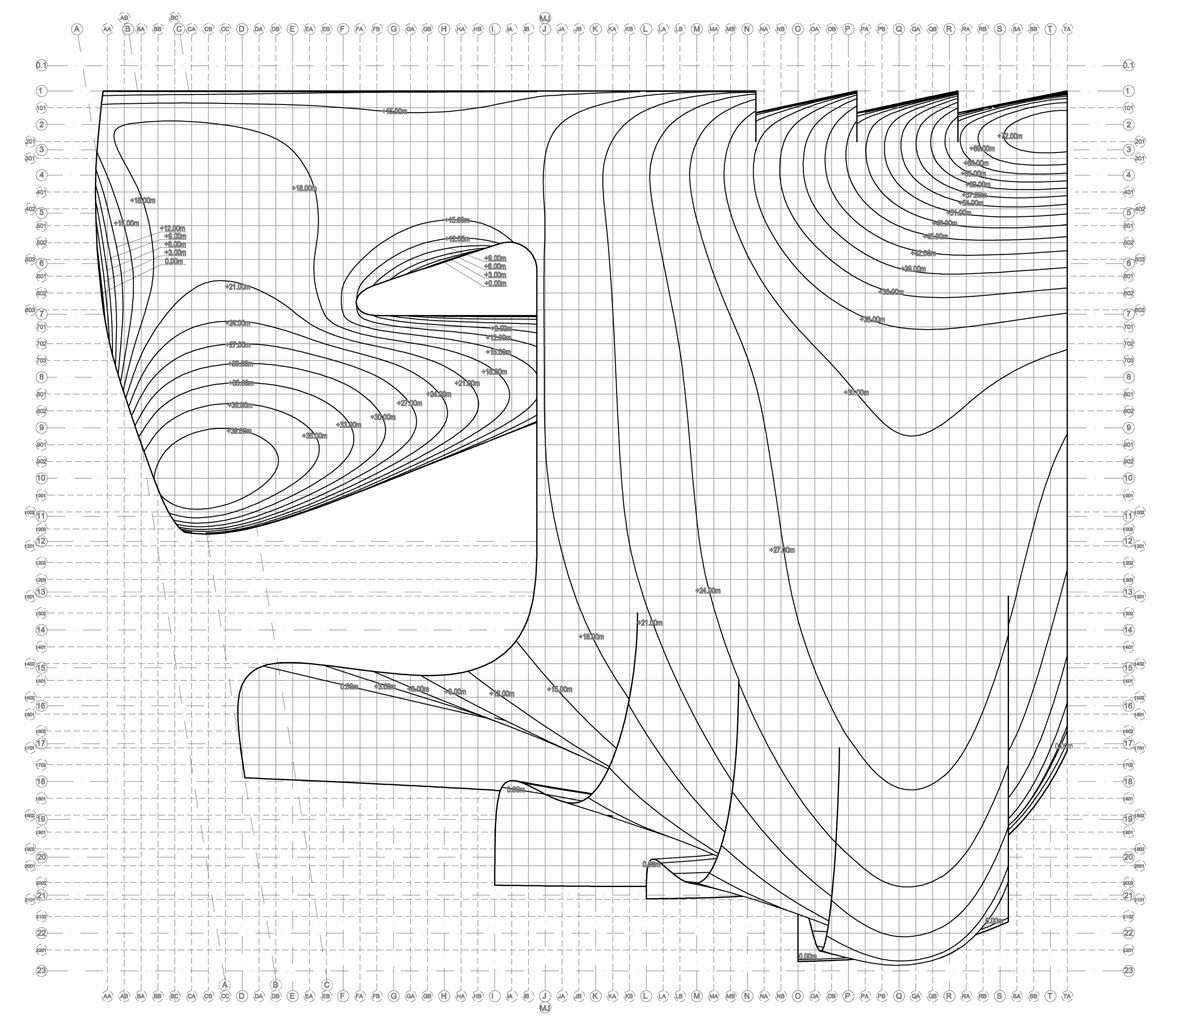 Zaha Hadid S Heydar Aliyev Cultural Centre Diagrams